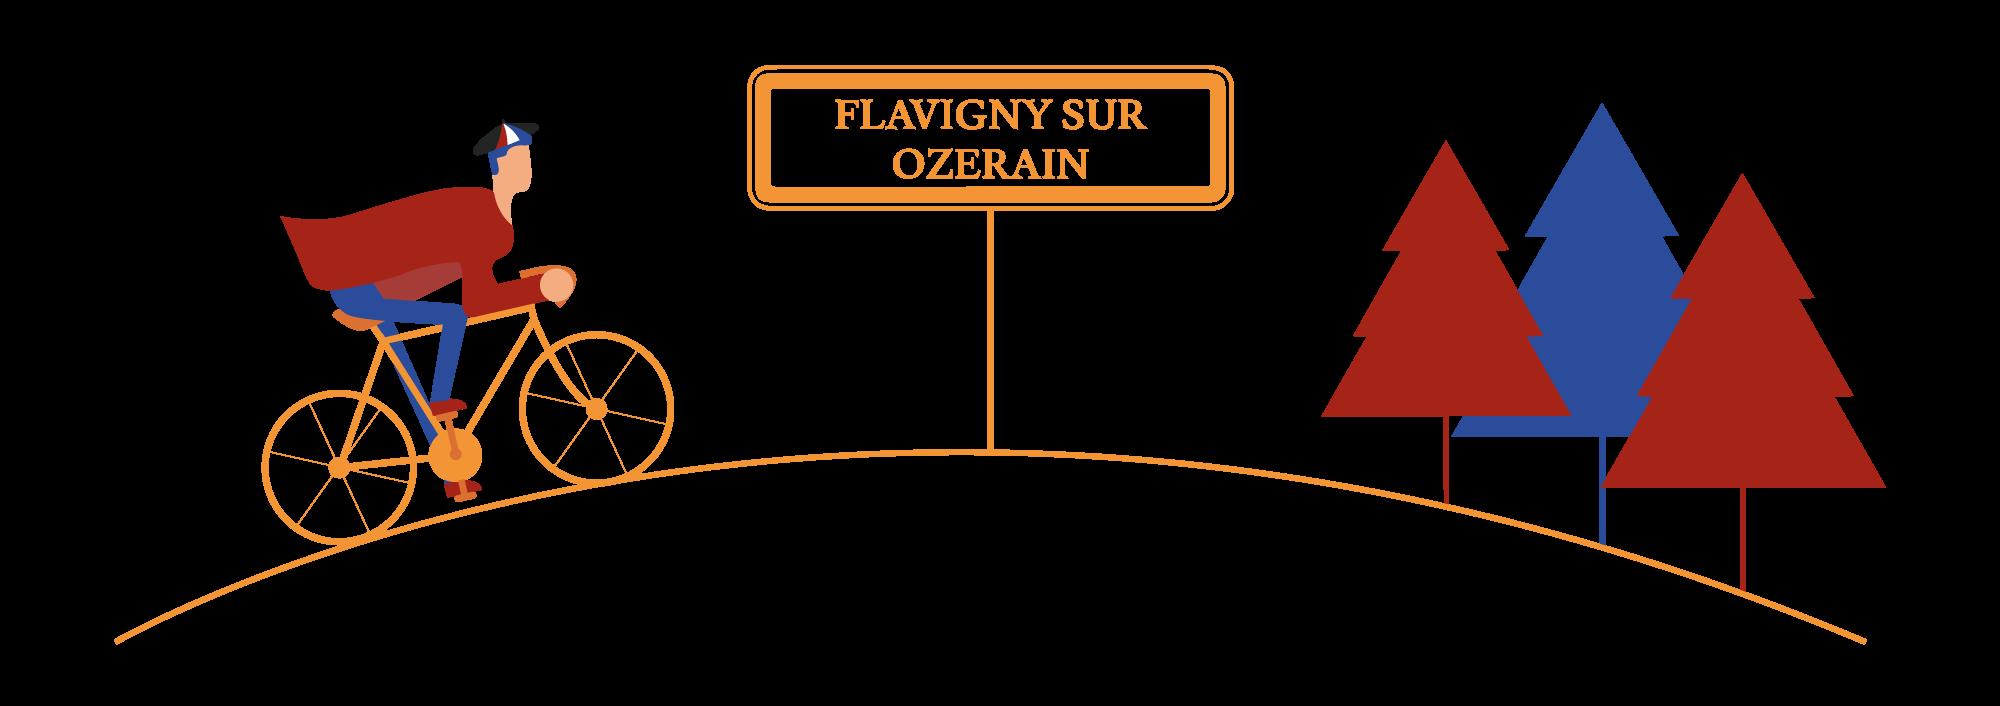 Spécialités de Flavigny-sur-Ozerain